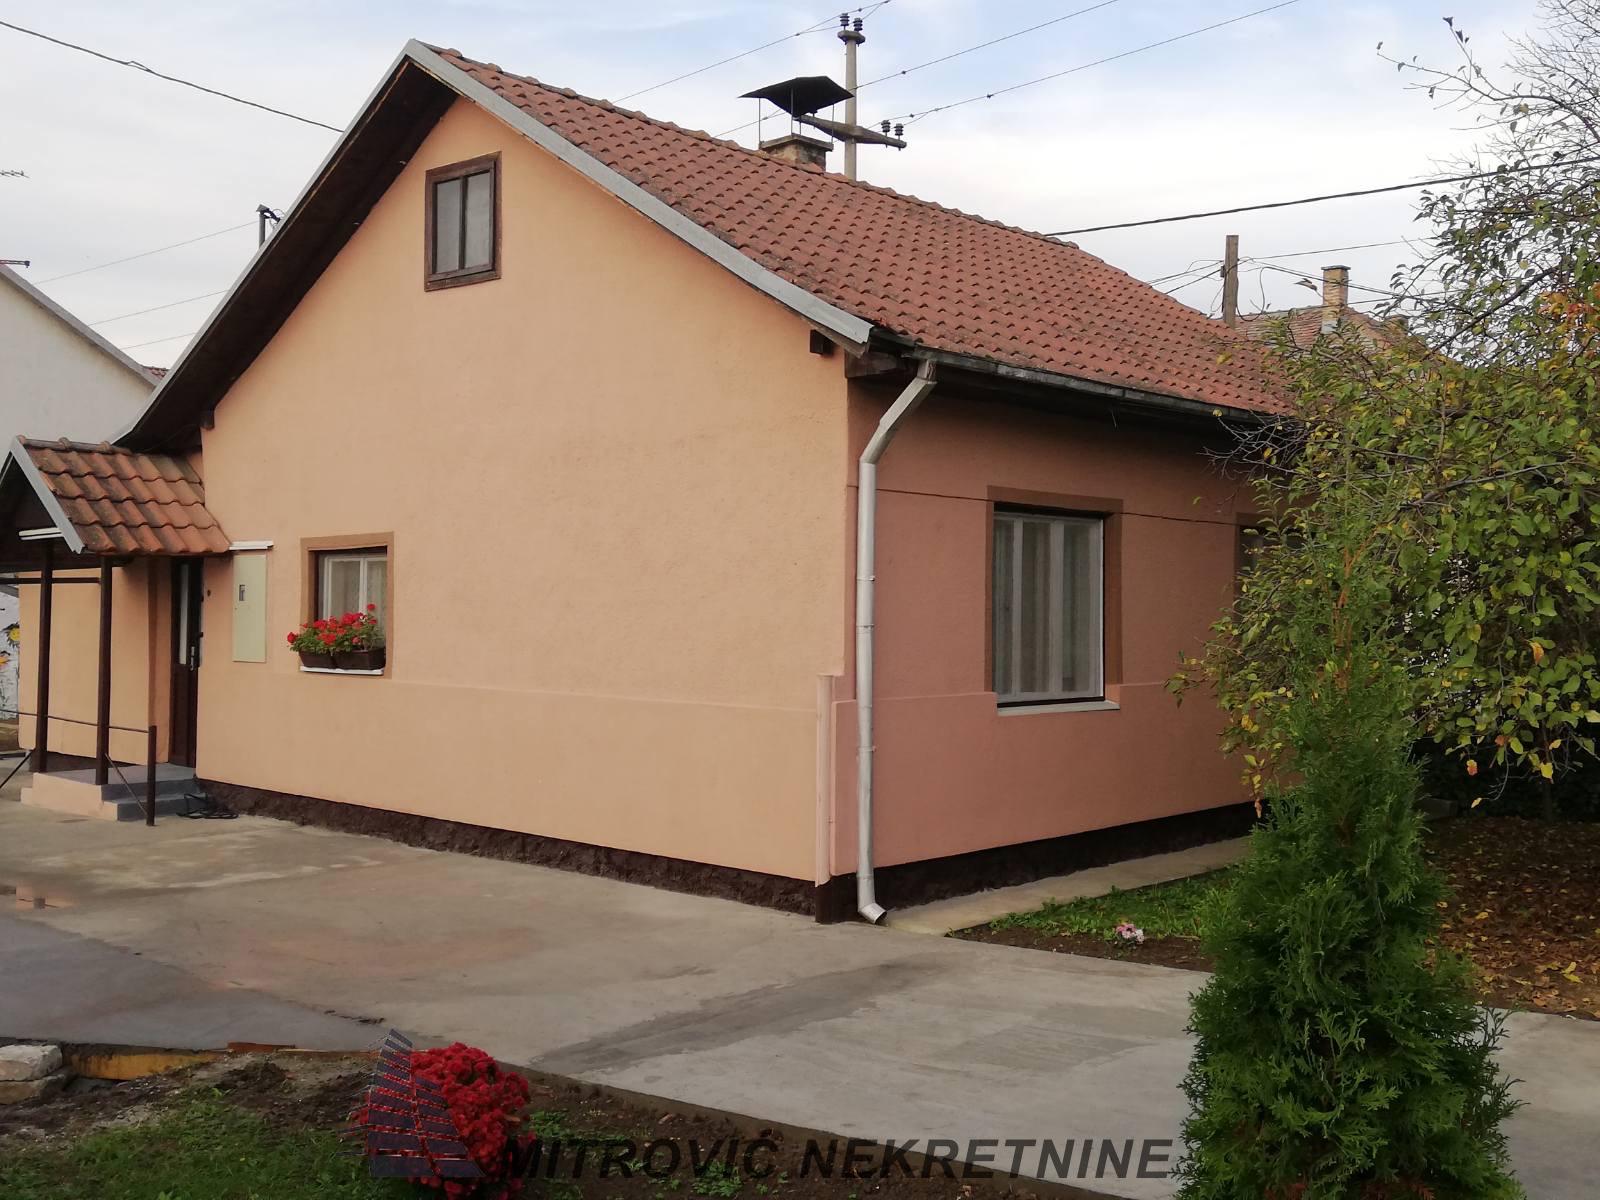 Kuća u Batajnici, u blizini železničke stanice